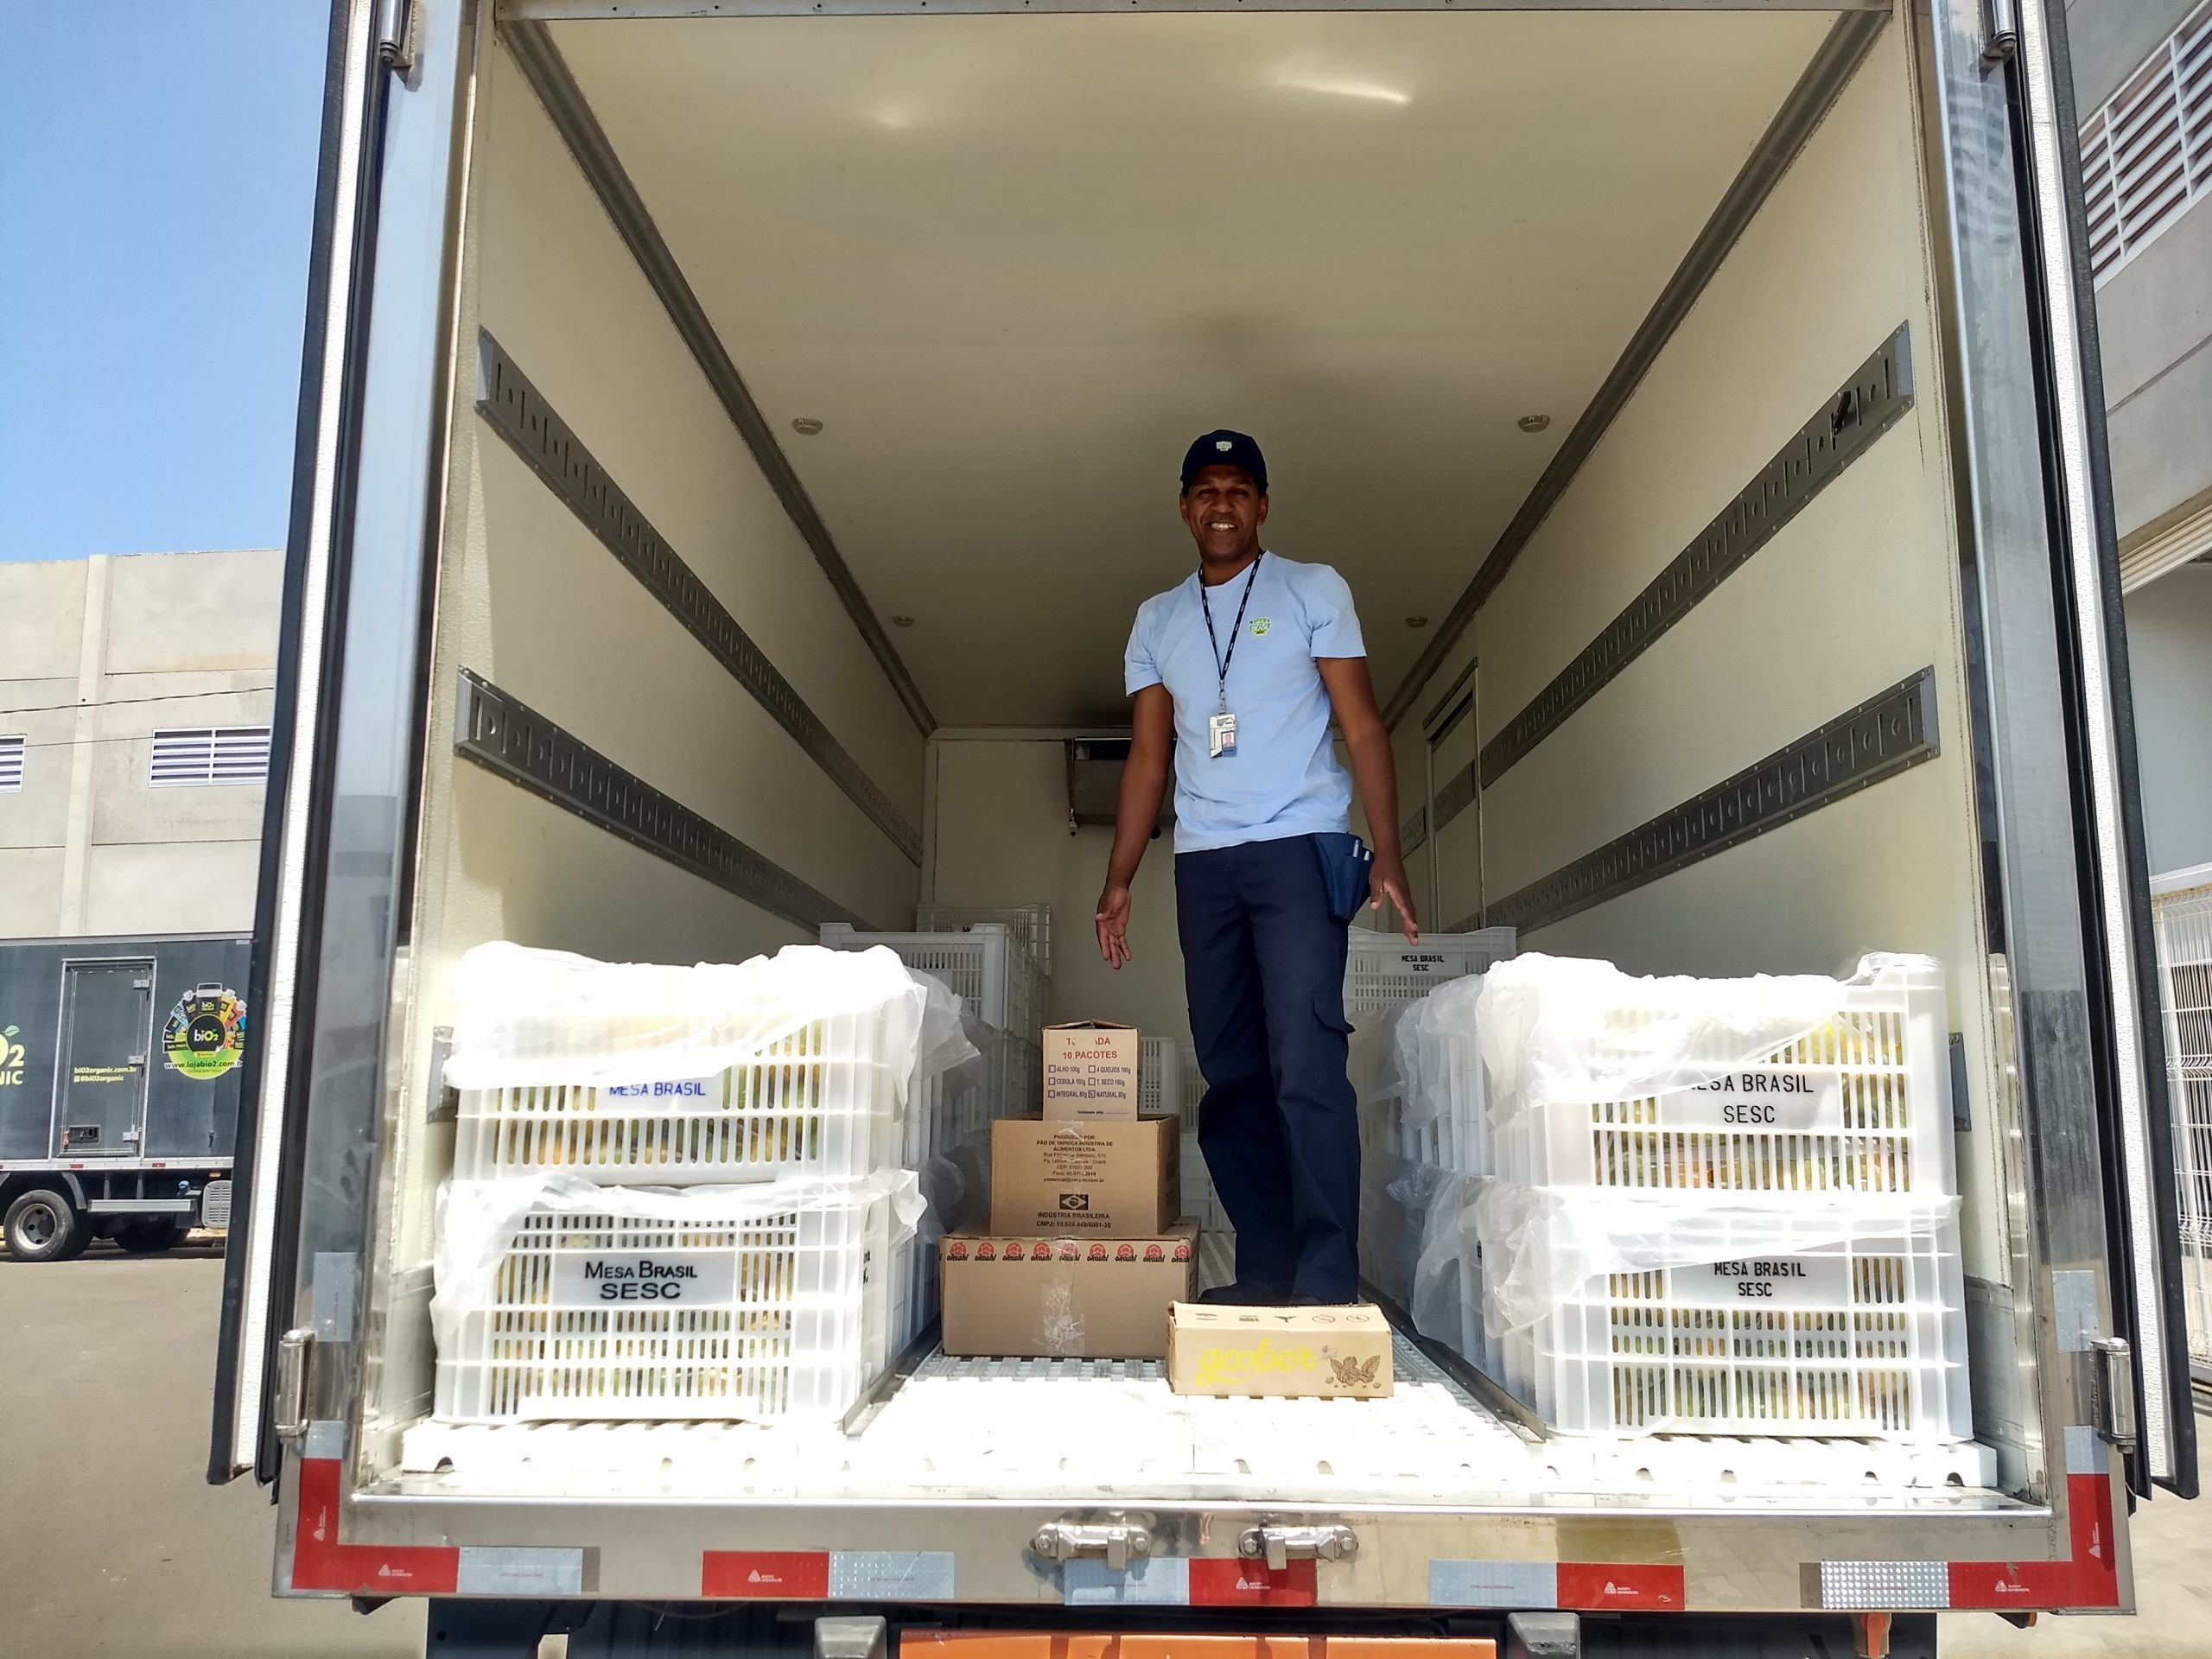 Funcionário do Mesa Brasil recebendo doações da Lourenço, ele está dentro do Baú do Caminhão do Mesa Brasil, sorrindo, com as caixas de doação da Lourenço Alimentos no chão.